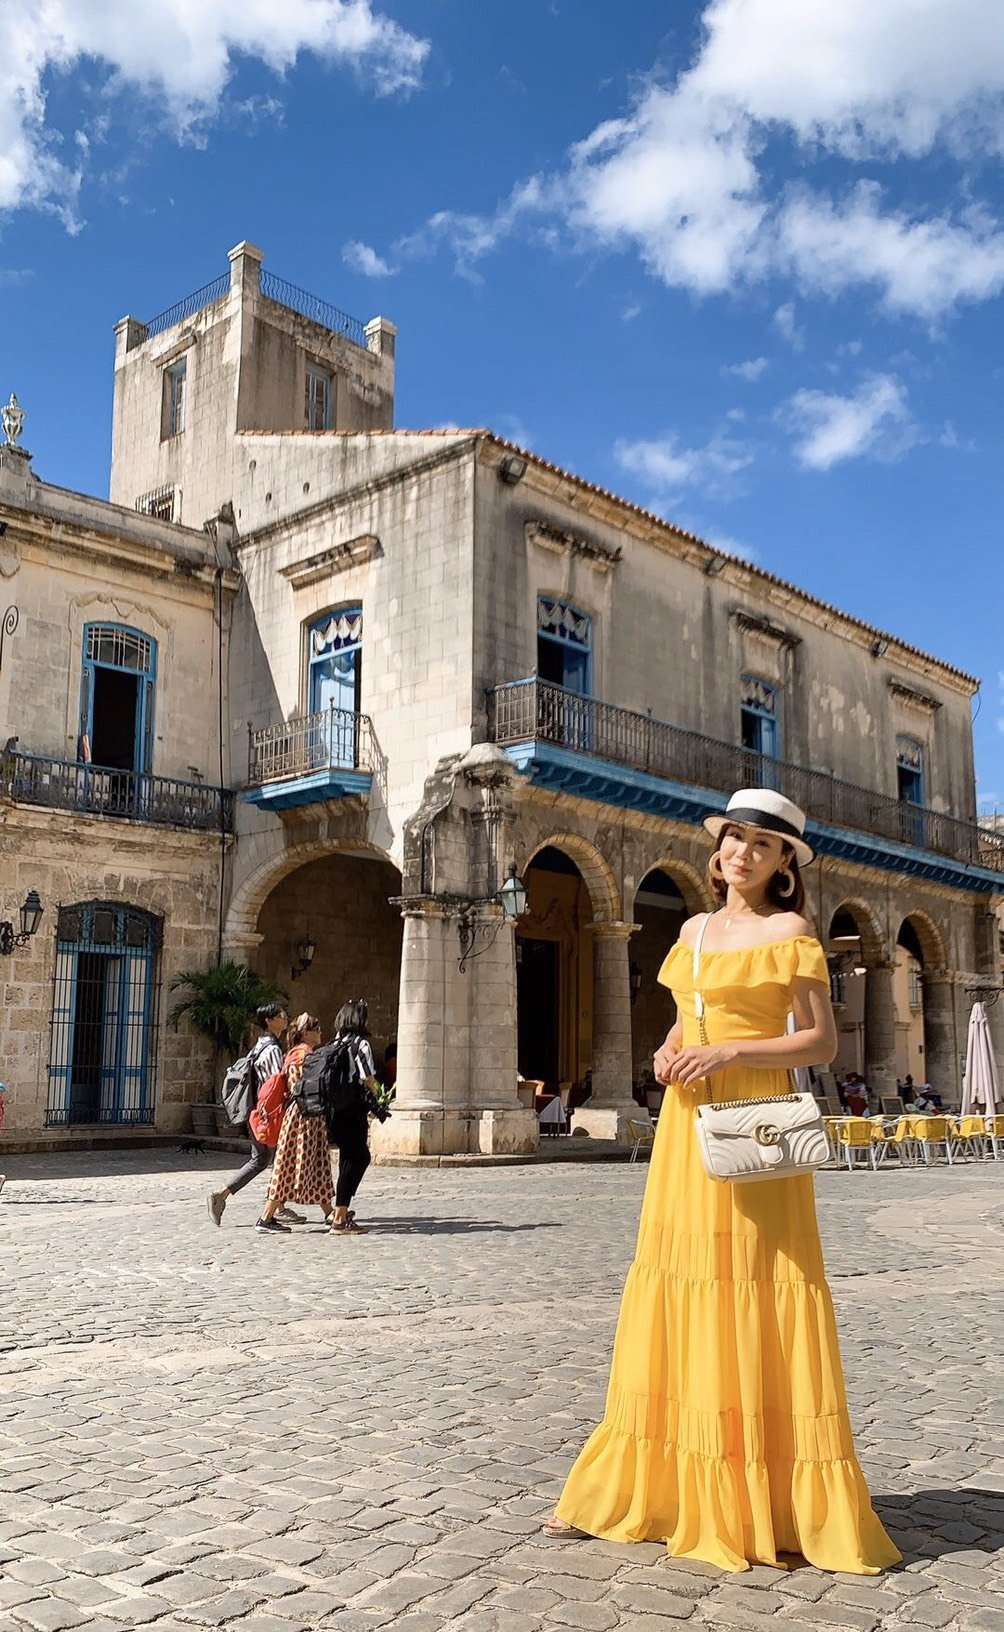 邱琦雯過年前赴古巴旅遊、充電兼吸取服裝設計靈感。圖/艾迪昇傳播提供